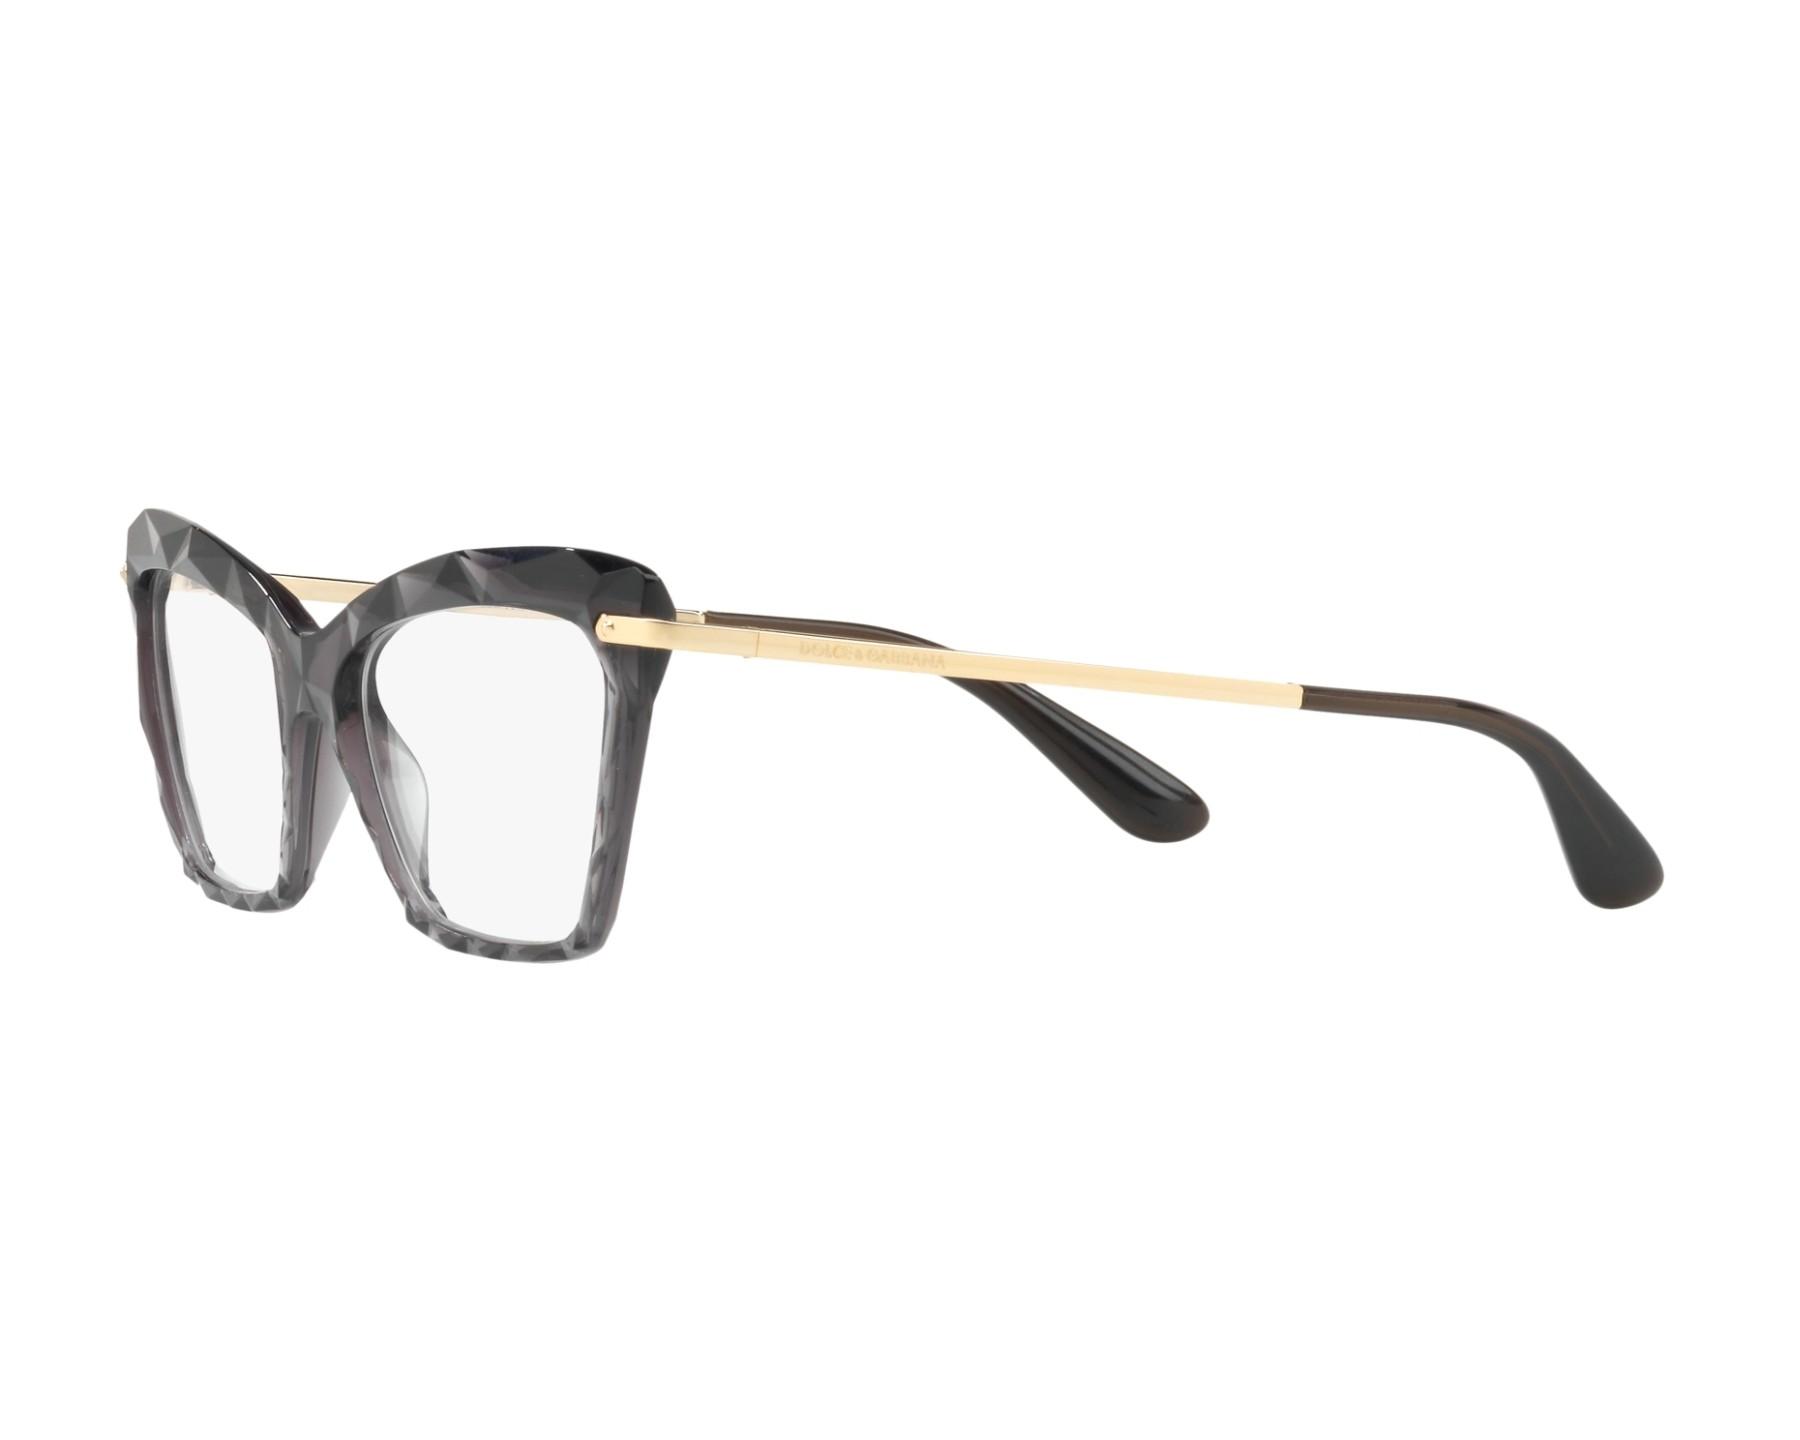 Dolce And Gabbana Prescription Glasses